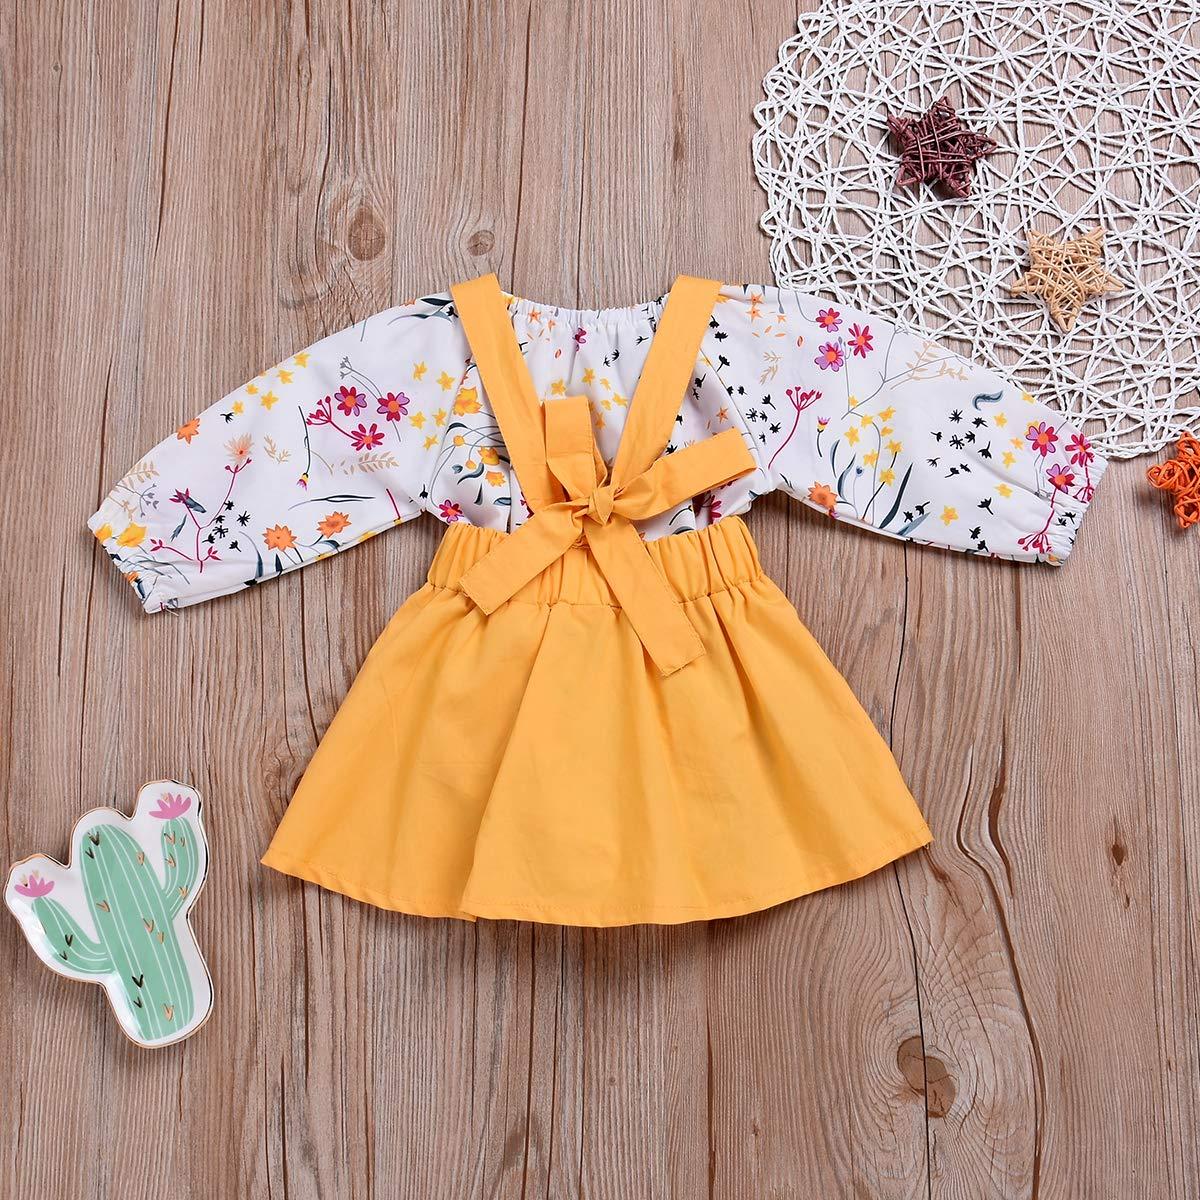 Baby Girl Romper Newborn Girls Floral Long Sleeve Bodysuit Golden Skirt Outfit Set